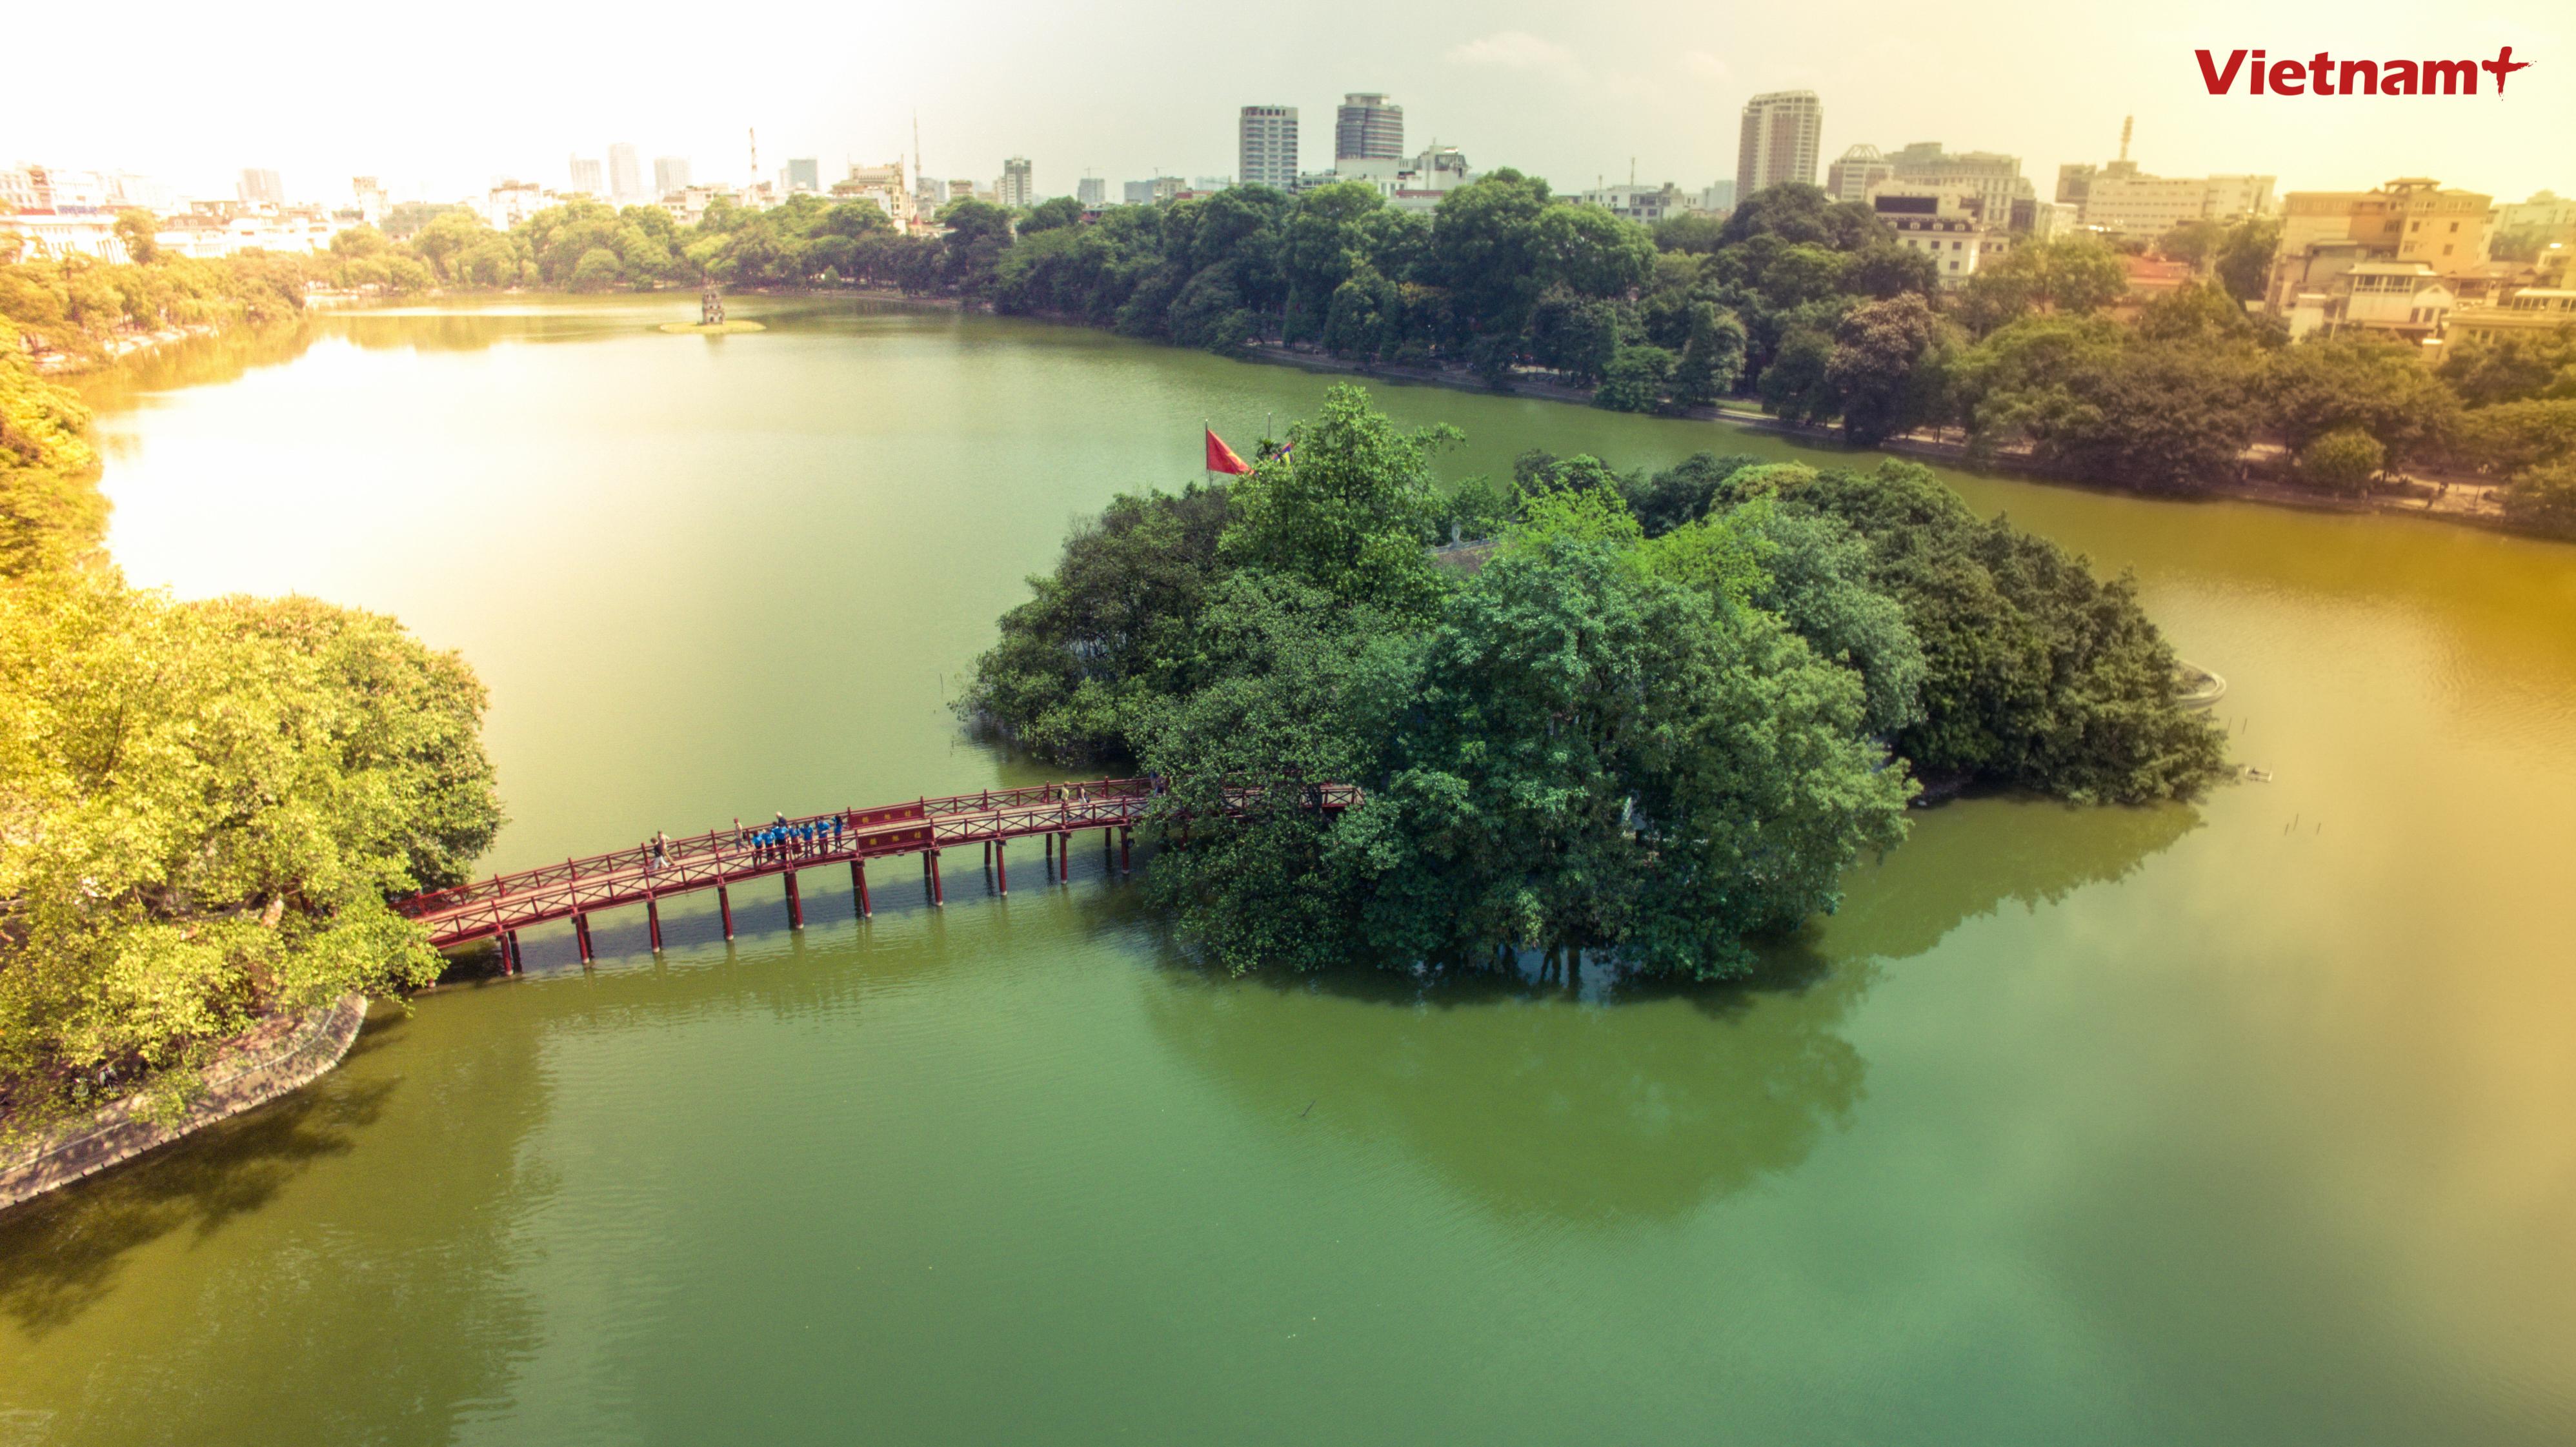 [Drone Photo] Ho Guom lung linh huyen ao trong anh nang chieu hinh anh